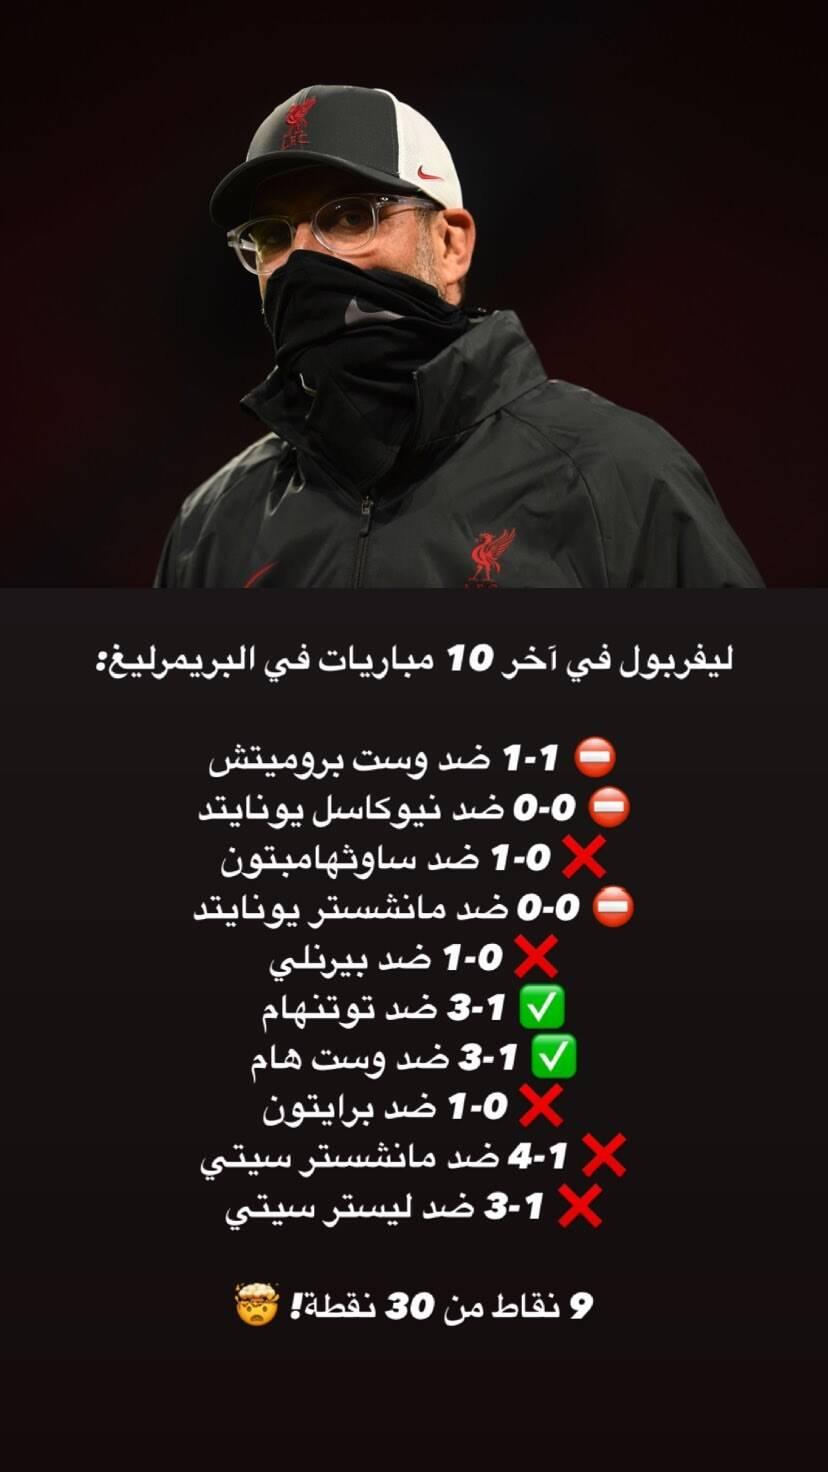 Abdo Robyu ' snap